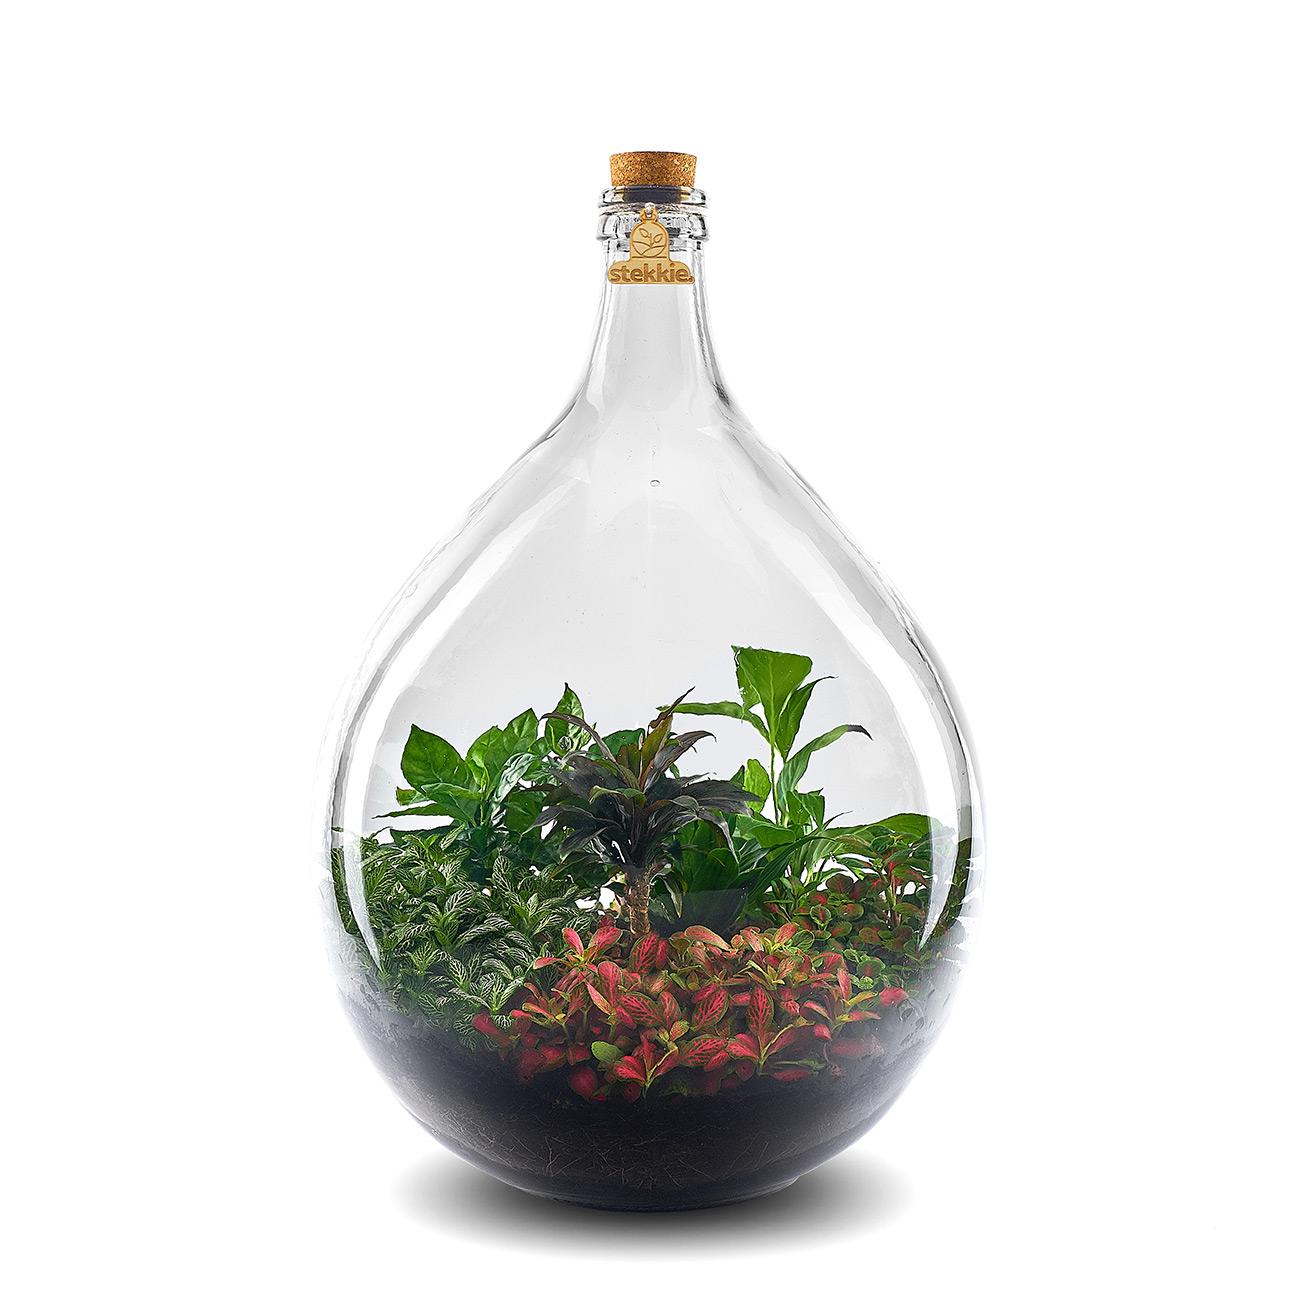 Planten in een grote glazen fles die voor zichzelf zorgen